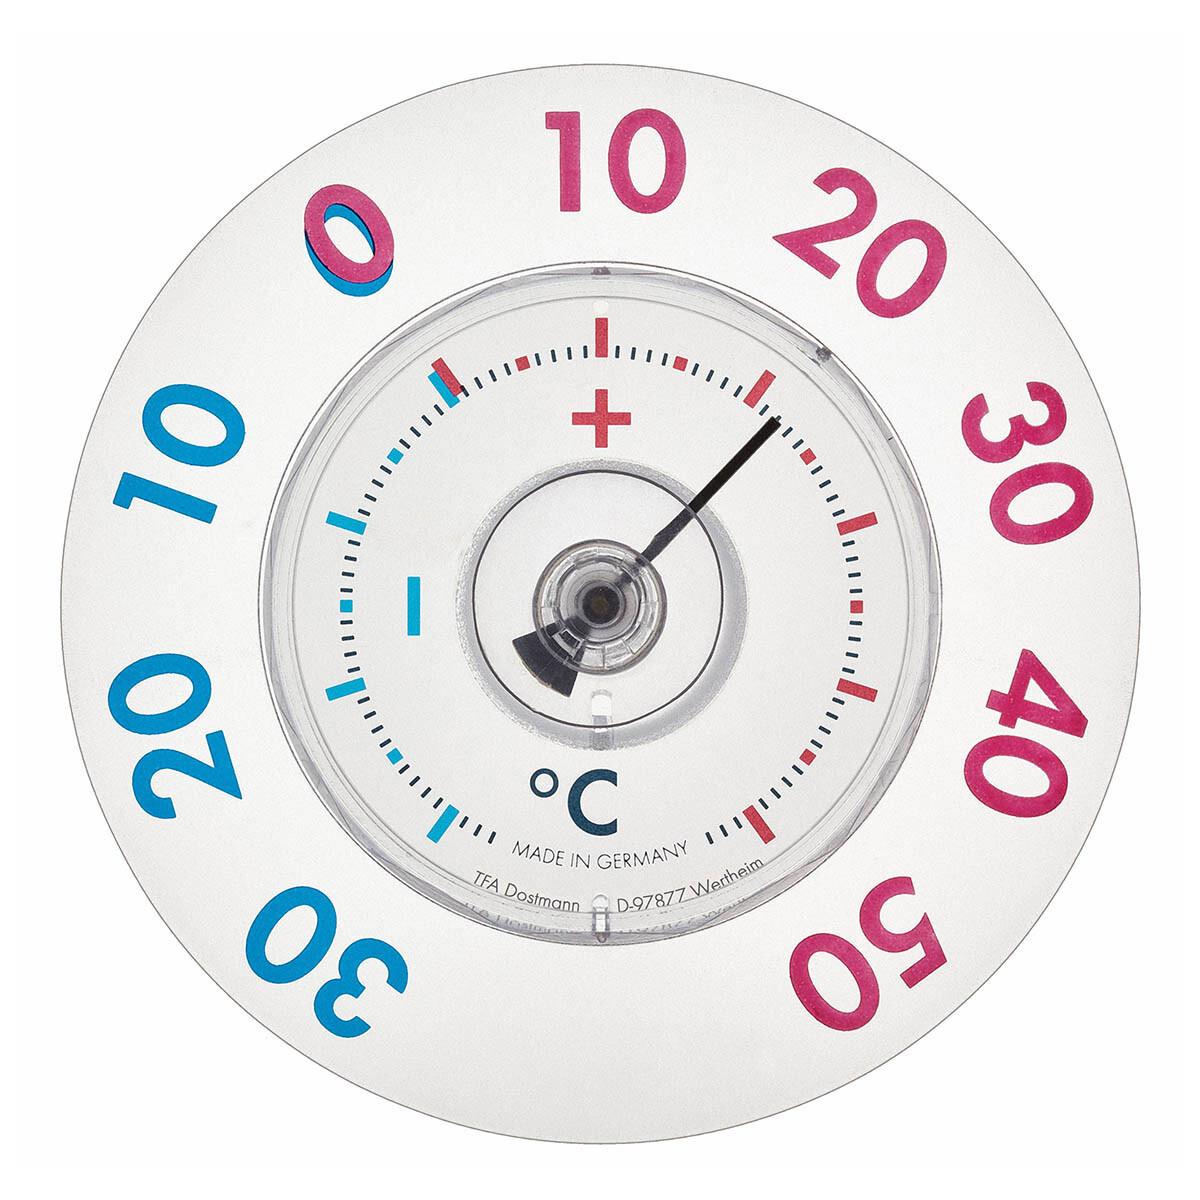 Fensterthermometer TWATCHER XL